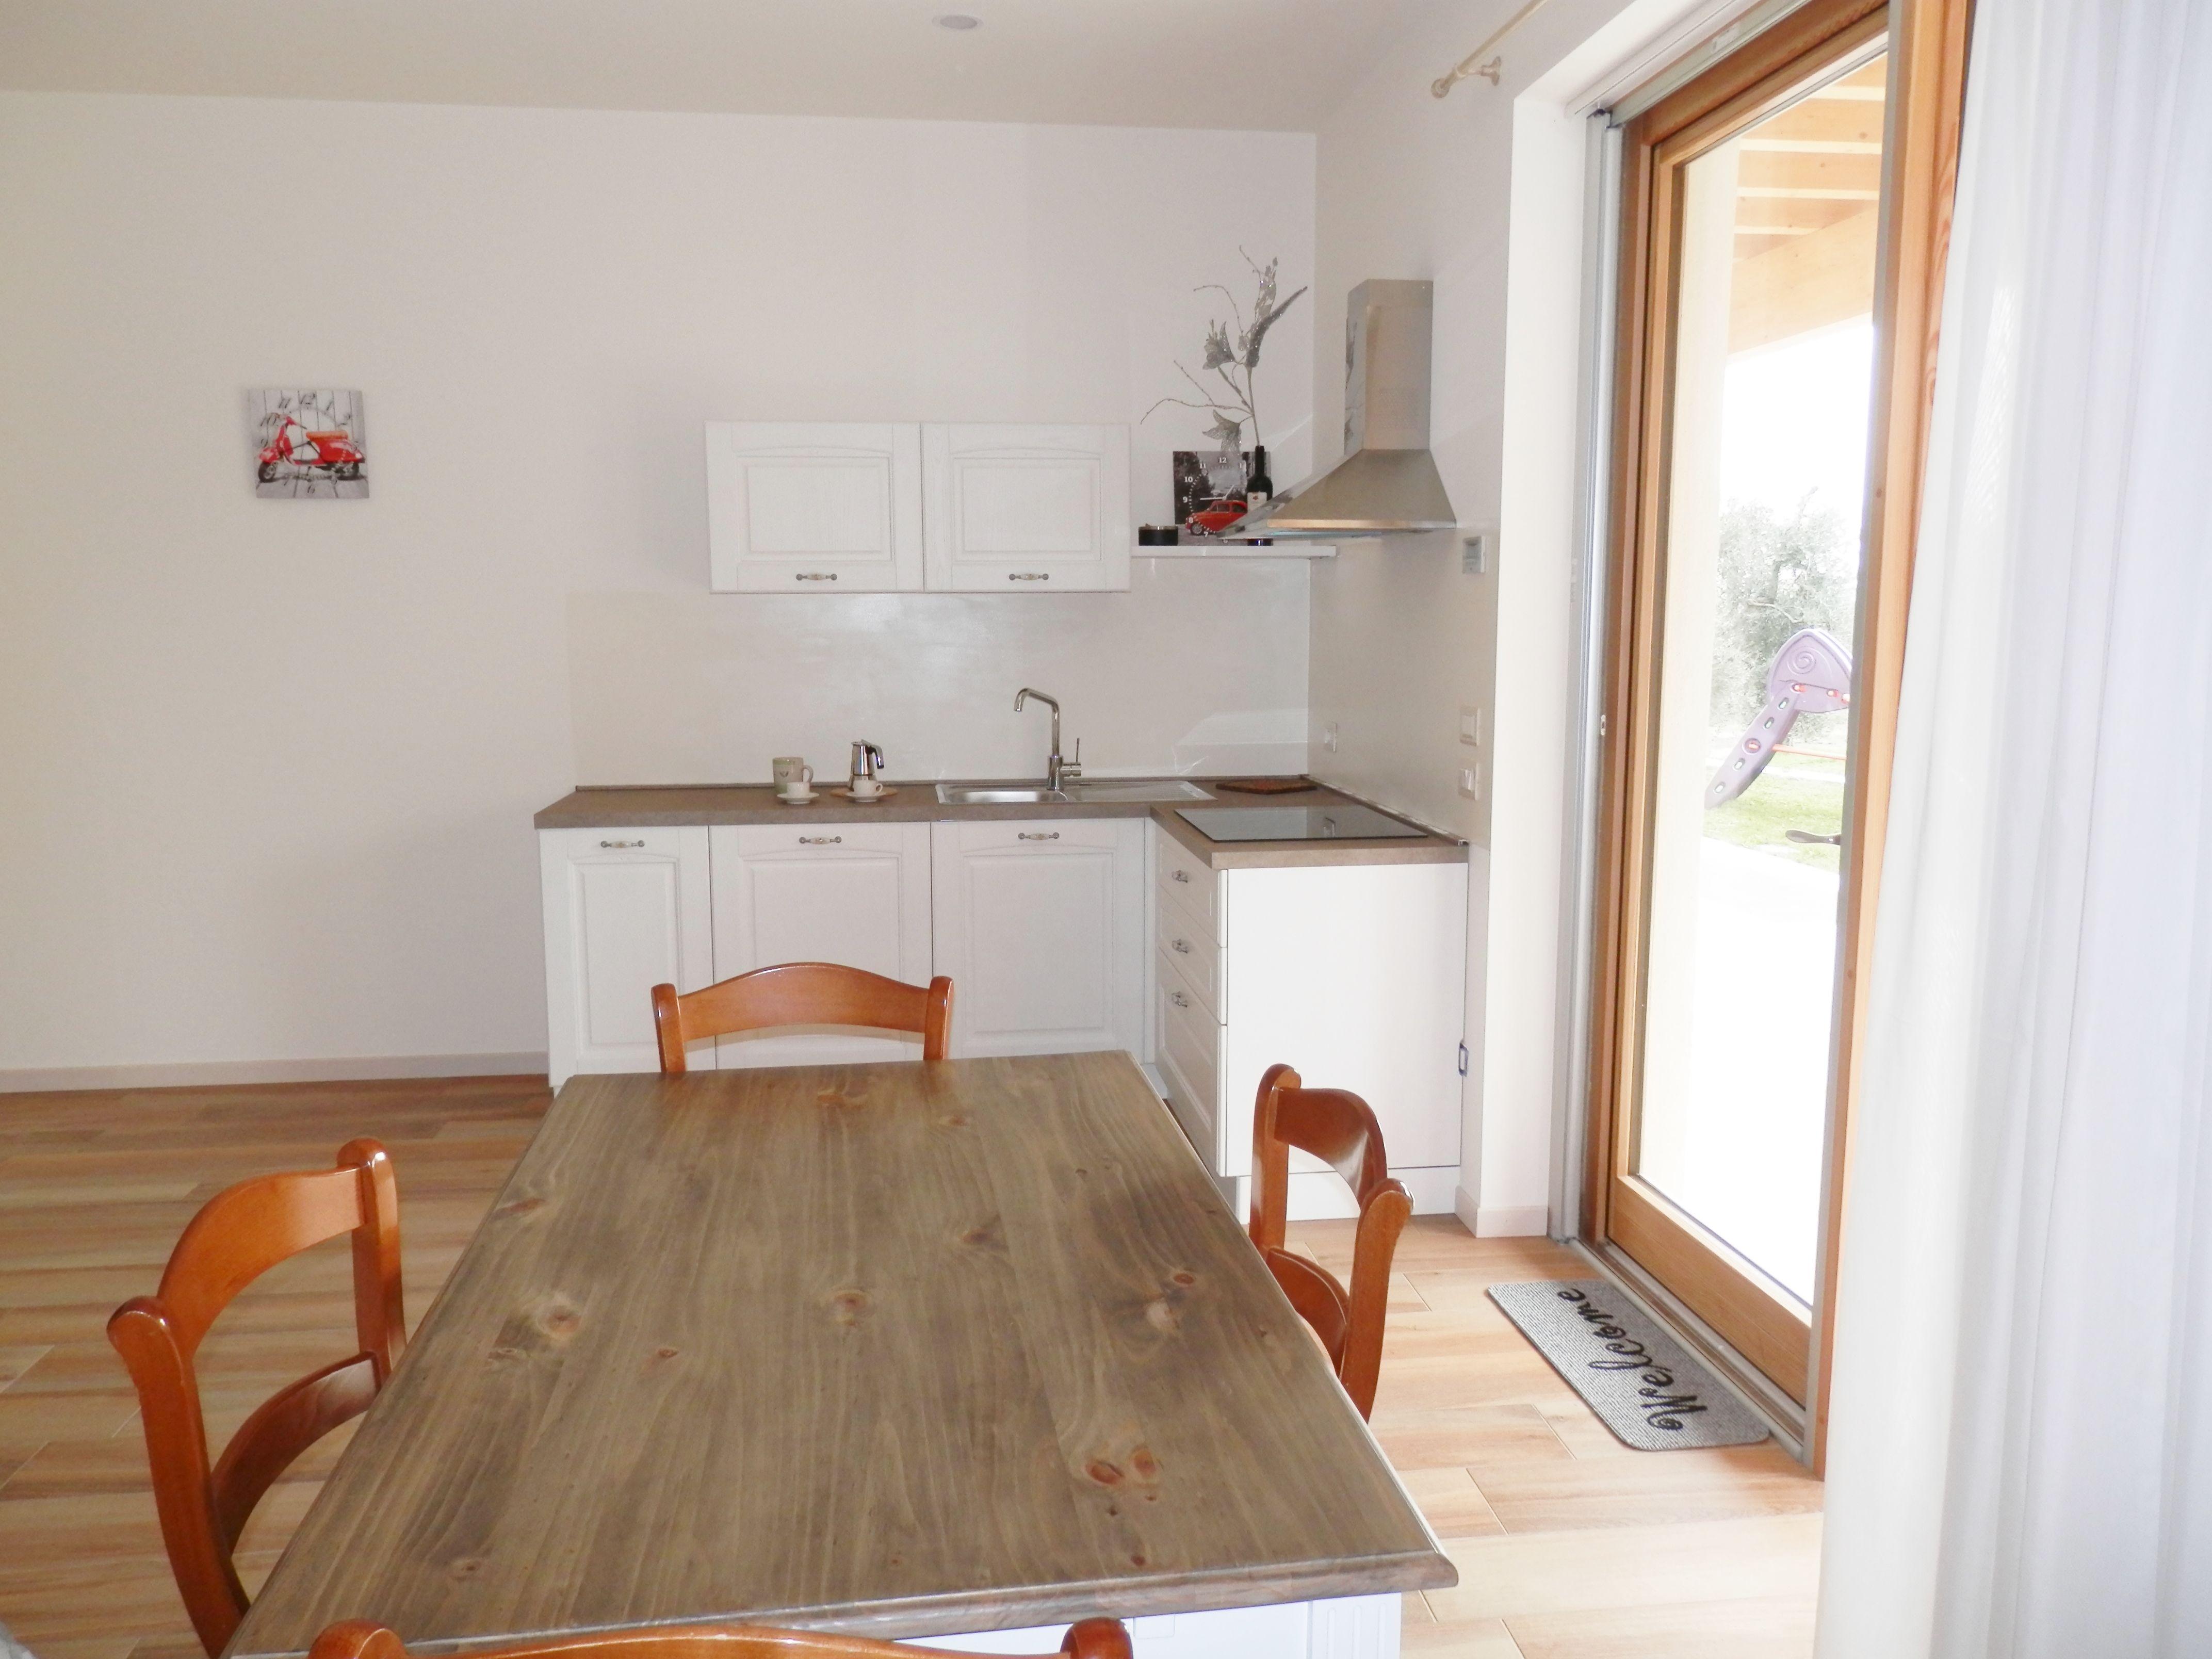 Moraiolo two-room apartment | Agriturismo Fioralba Lake Garda